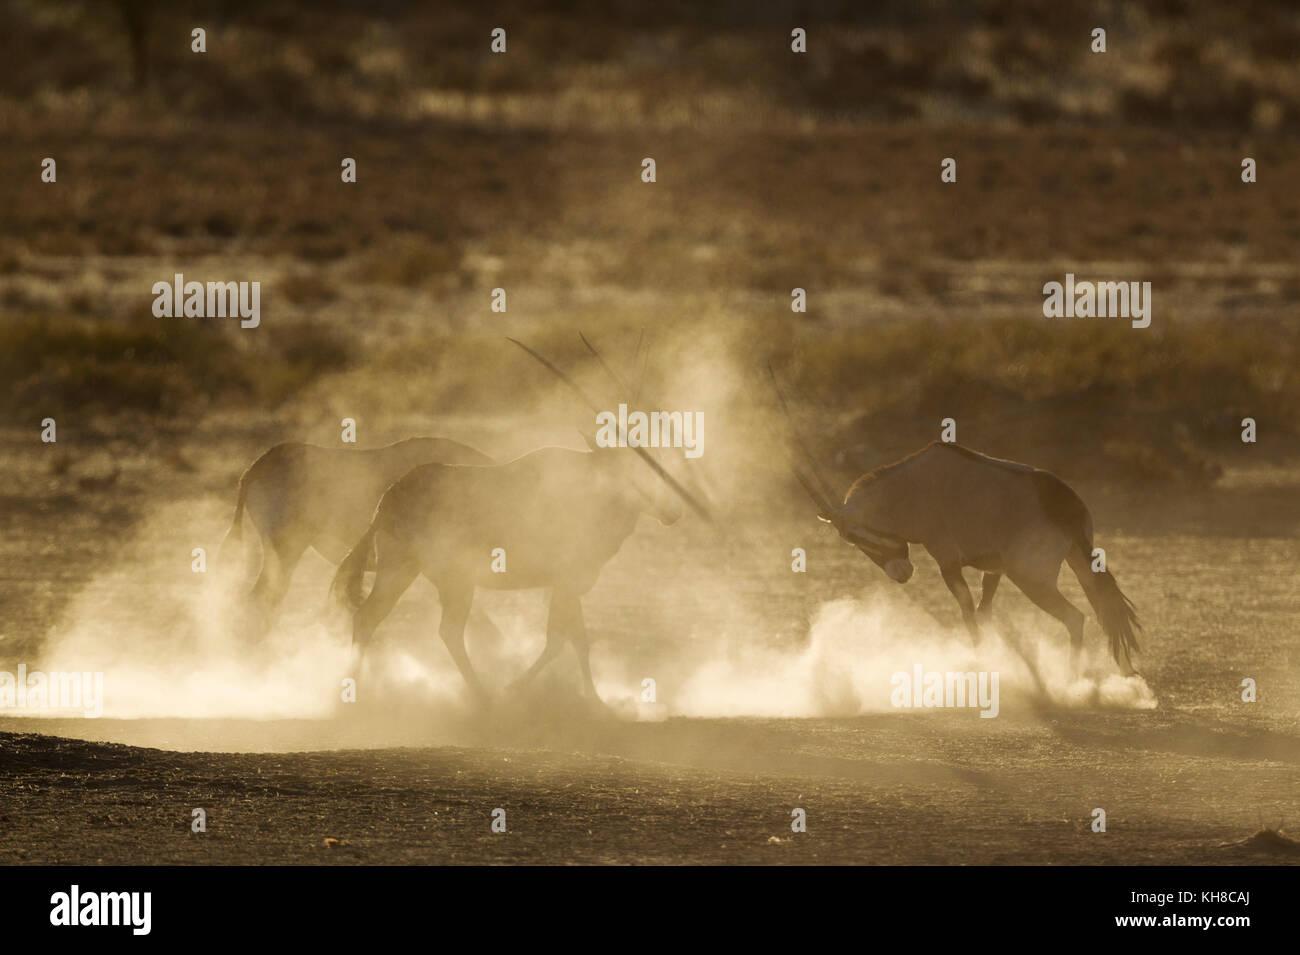 Oryx (Oryx gazella), nerveux et d'élever beaucoup de poussière en début de matinée, désert Photo Stock